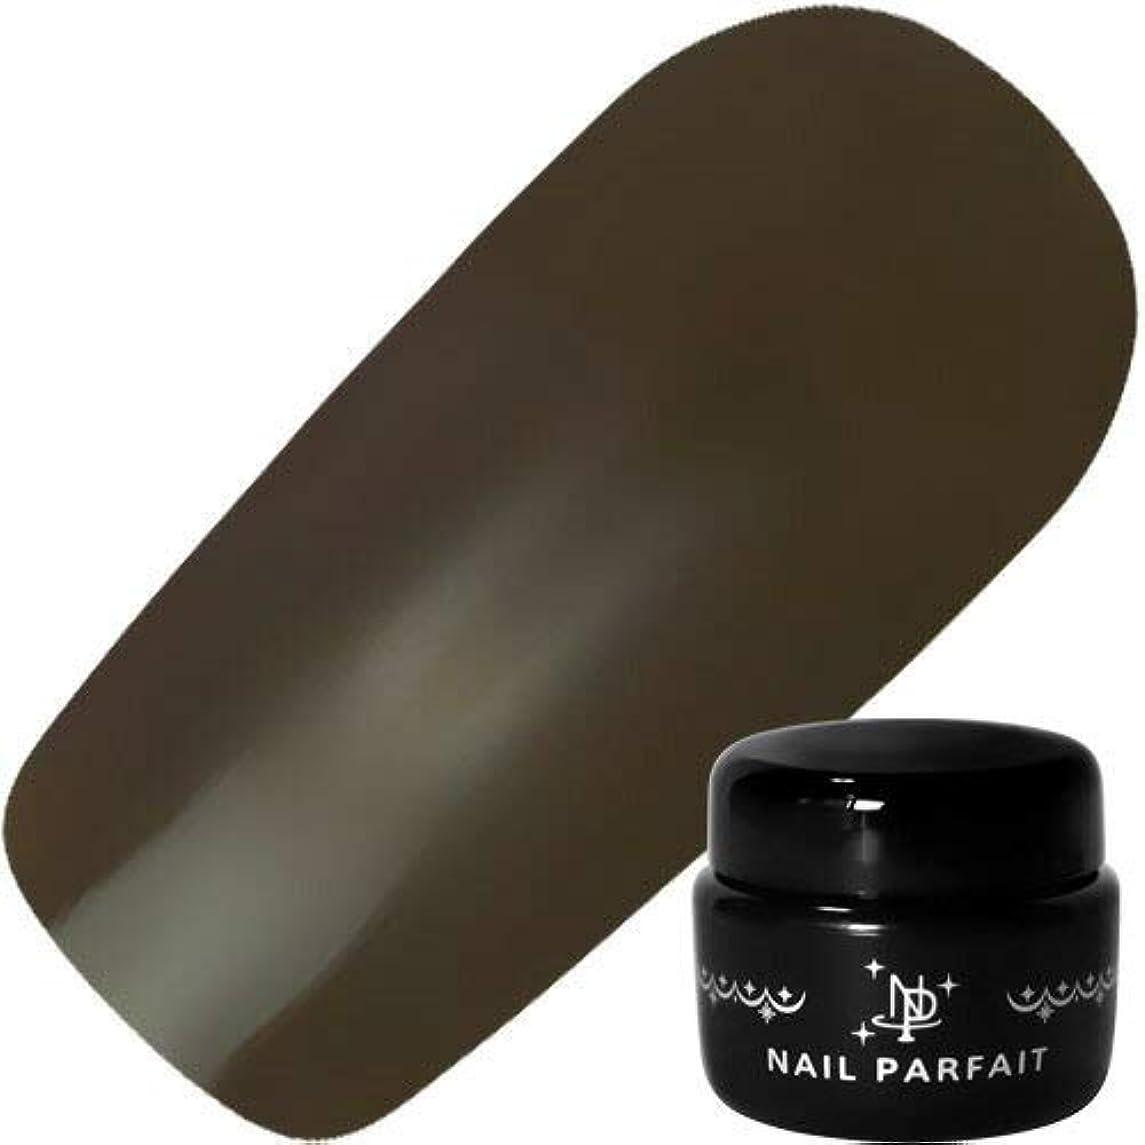 定説派手値するNAIL PARFAIT ネイルパフェ カラージェル T02 トールブラウン 2g 【ジェル/カラージェル?ネイル用品】